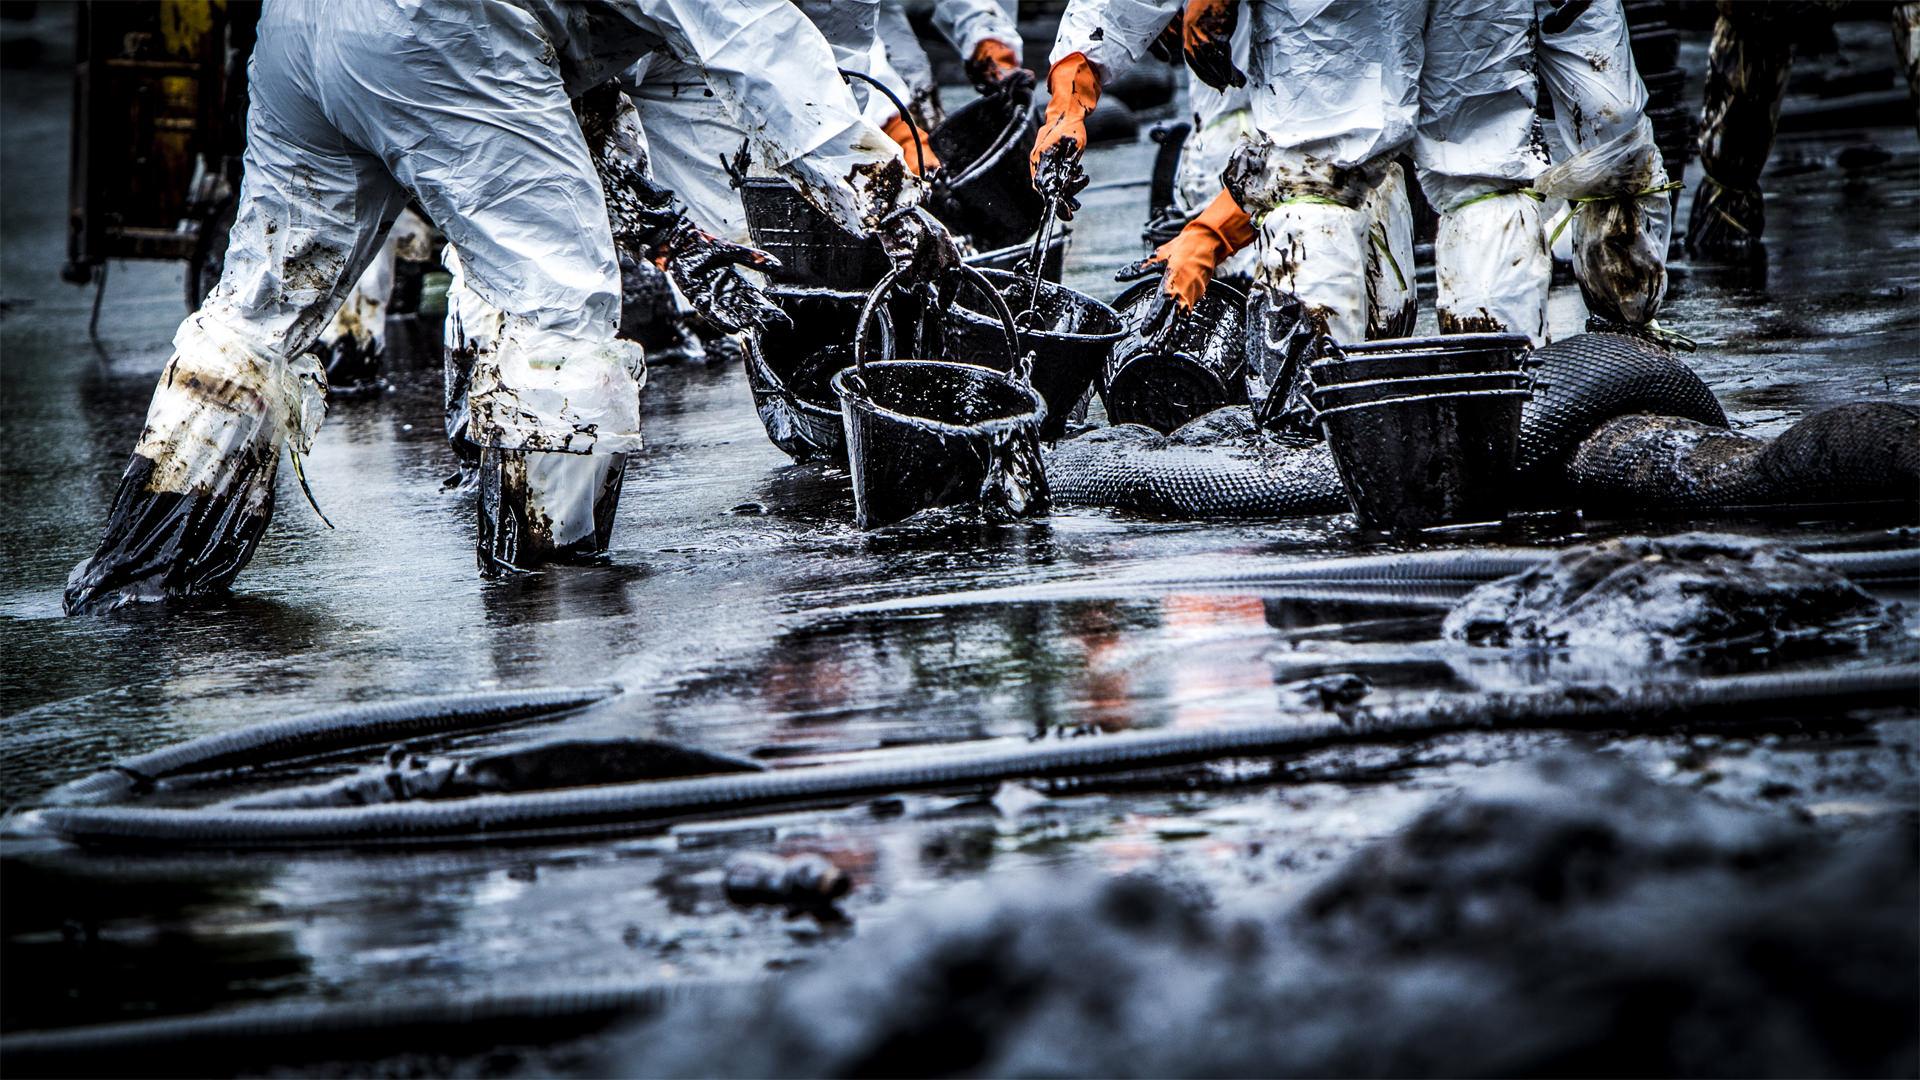 تمرينات مواجهة الكوارث البيئية .. التحدي يفرض الاستجابة